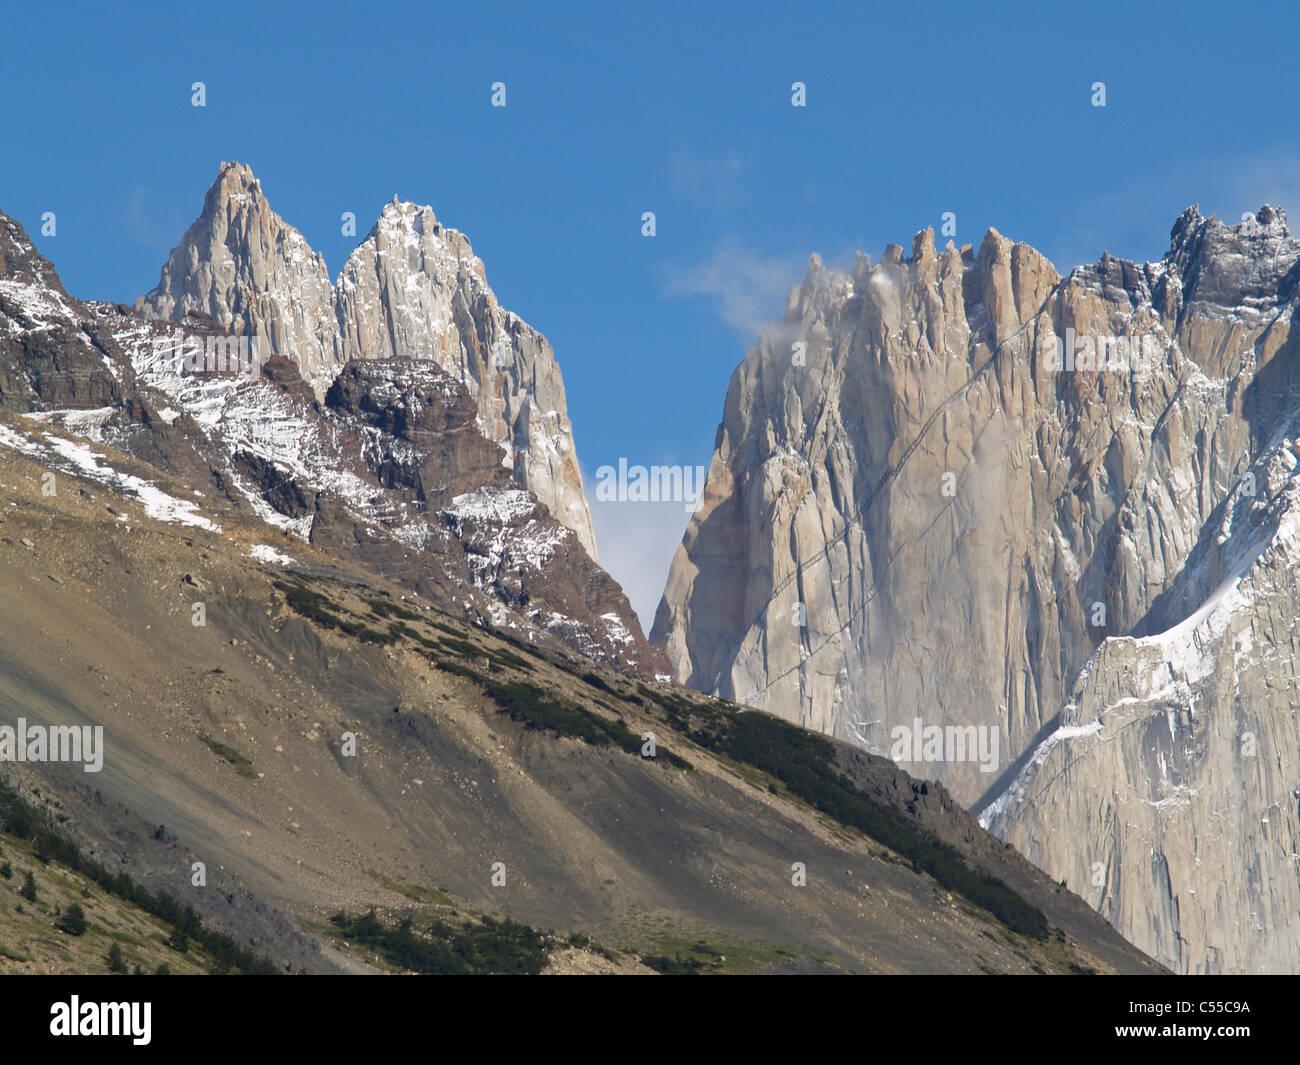 Die Torres del Paine des Parque Nacional Torres del Paine in Chile Stockbild